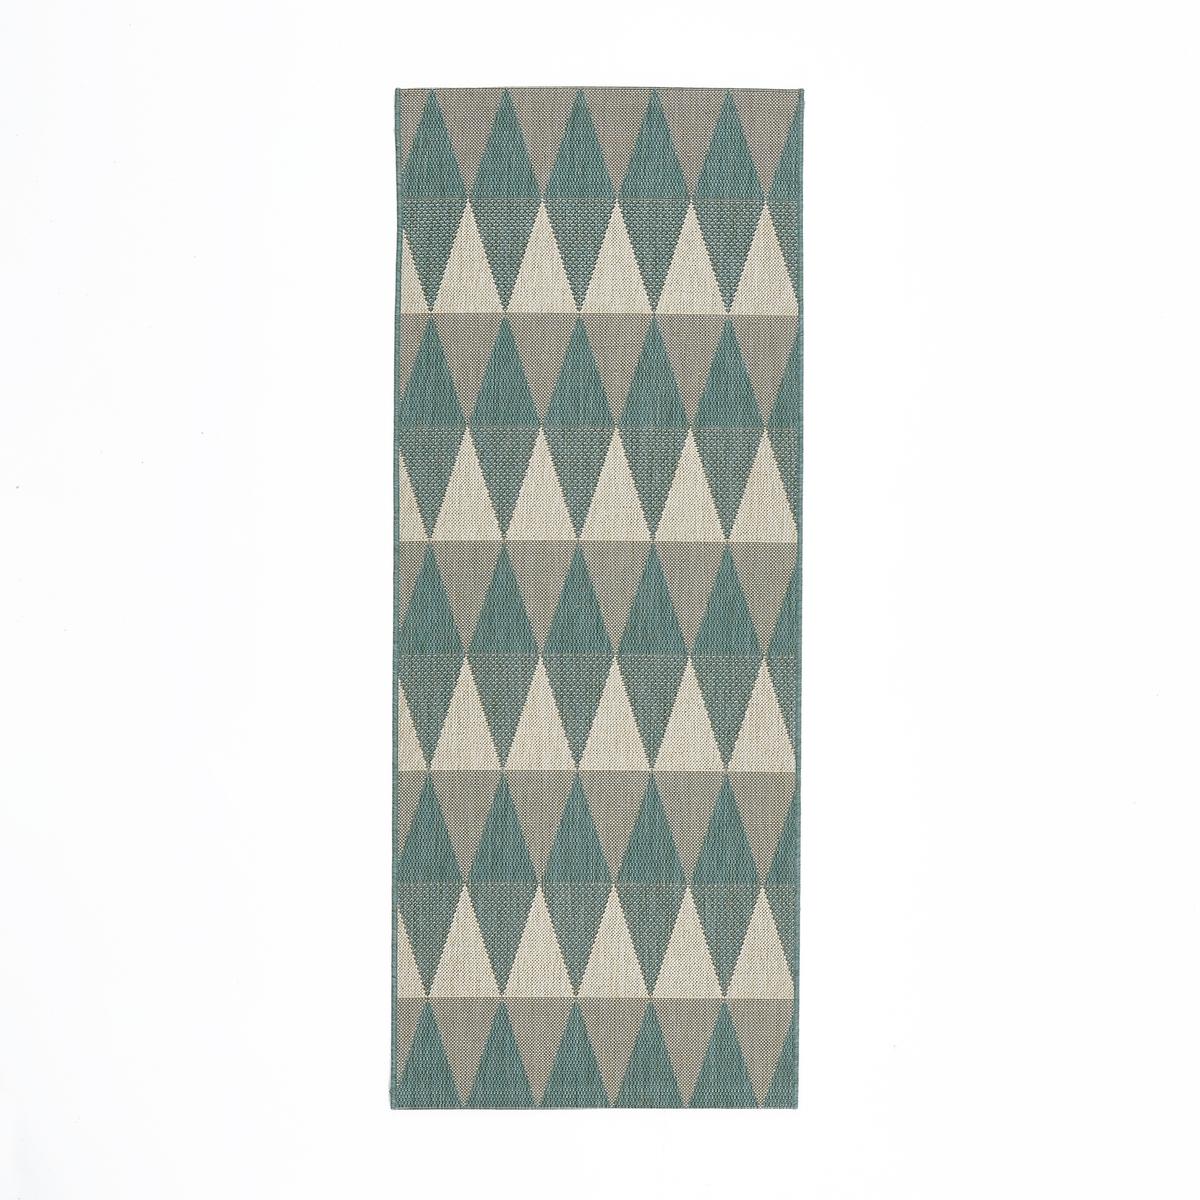 Дорожка ковровая с рисунком из ромбов, Mourwad дорожка ковровая грязезащитная rekord 811 1 0м коричневый